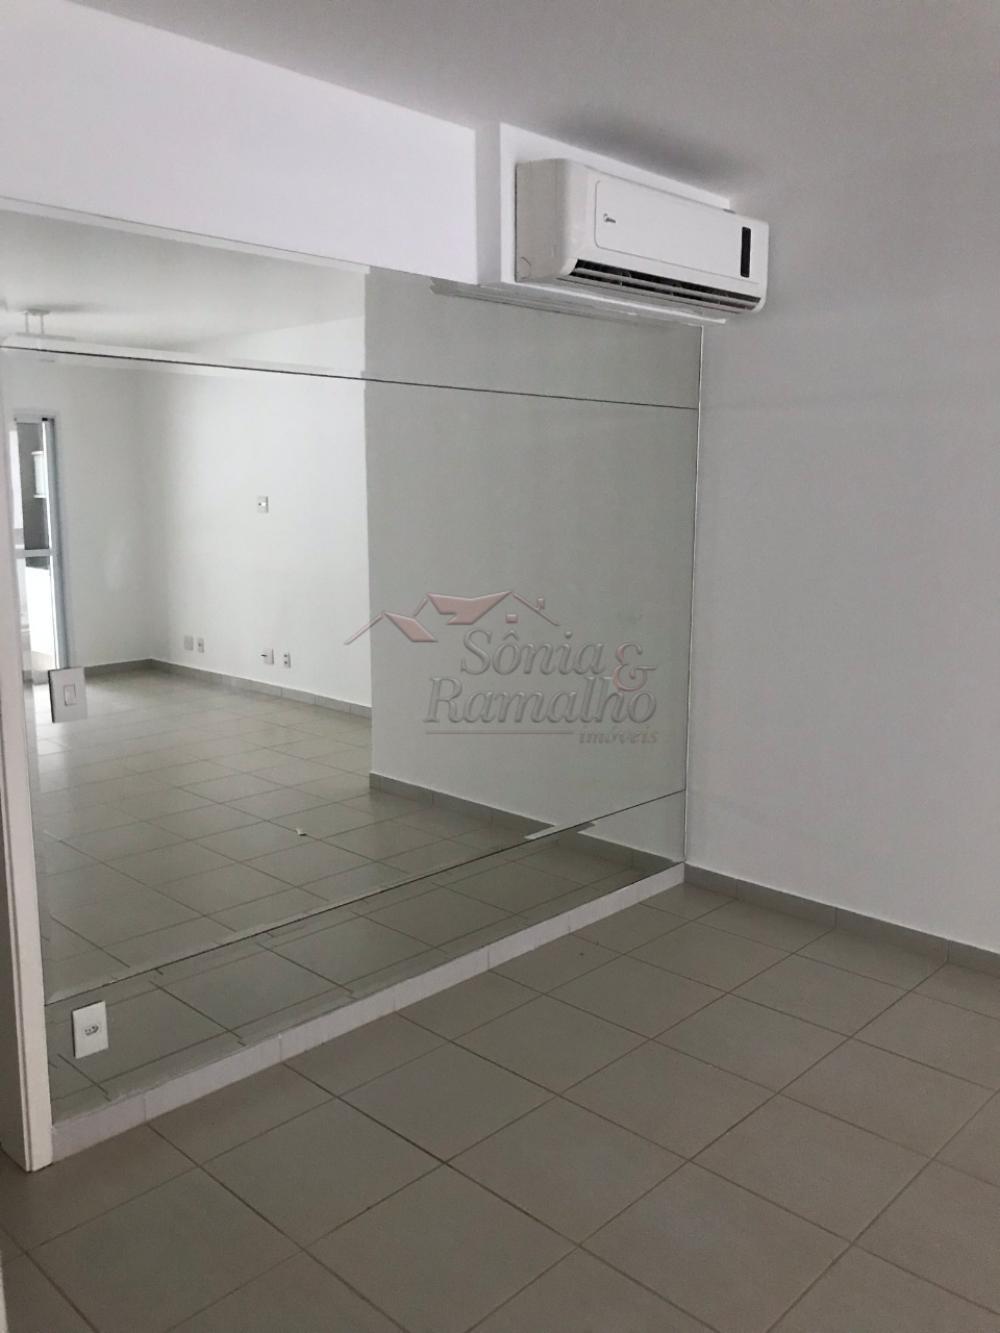 Comprar Apartamentos / Padrão em Ribeirão Preto apenas R$ 636.000,00 - Foto 5